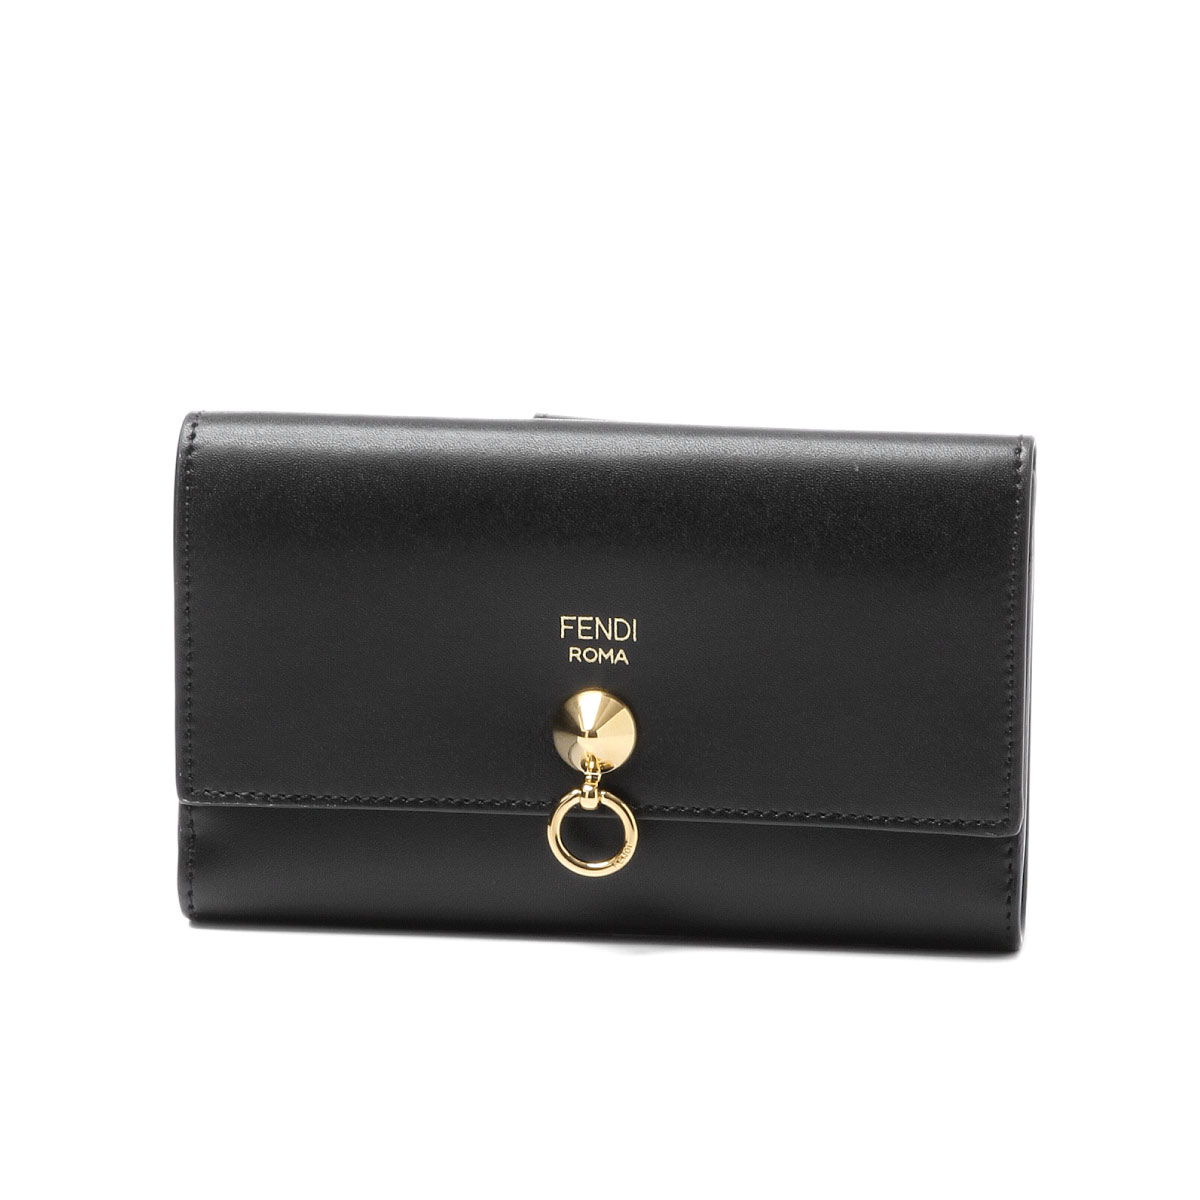 フェンディ FENDI 財布 レディース 8M0383 SME F0KUR 二つ折り財布 ミディアム NERO+ORO SOFT ブラック